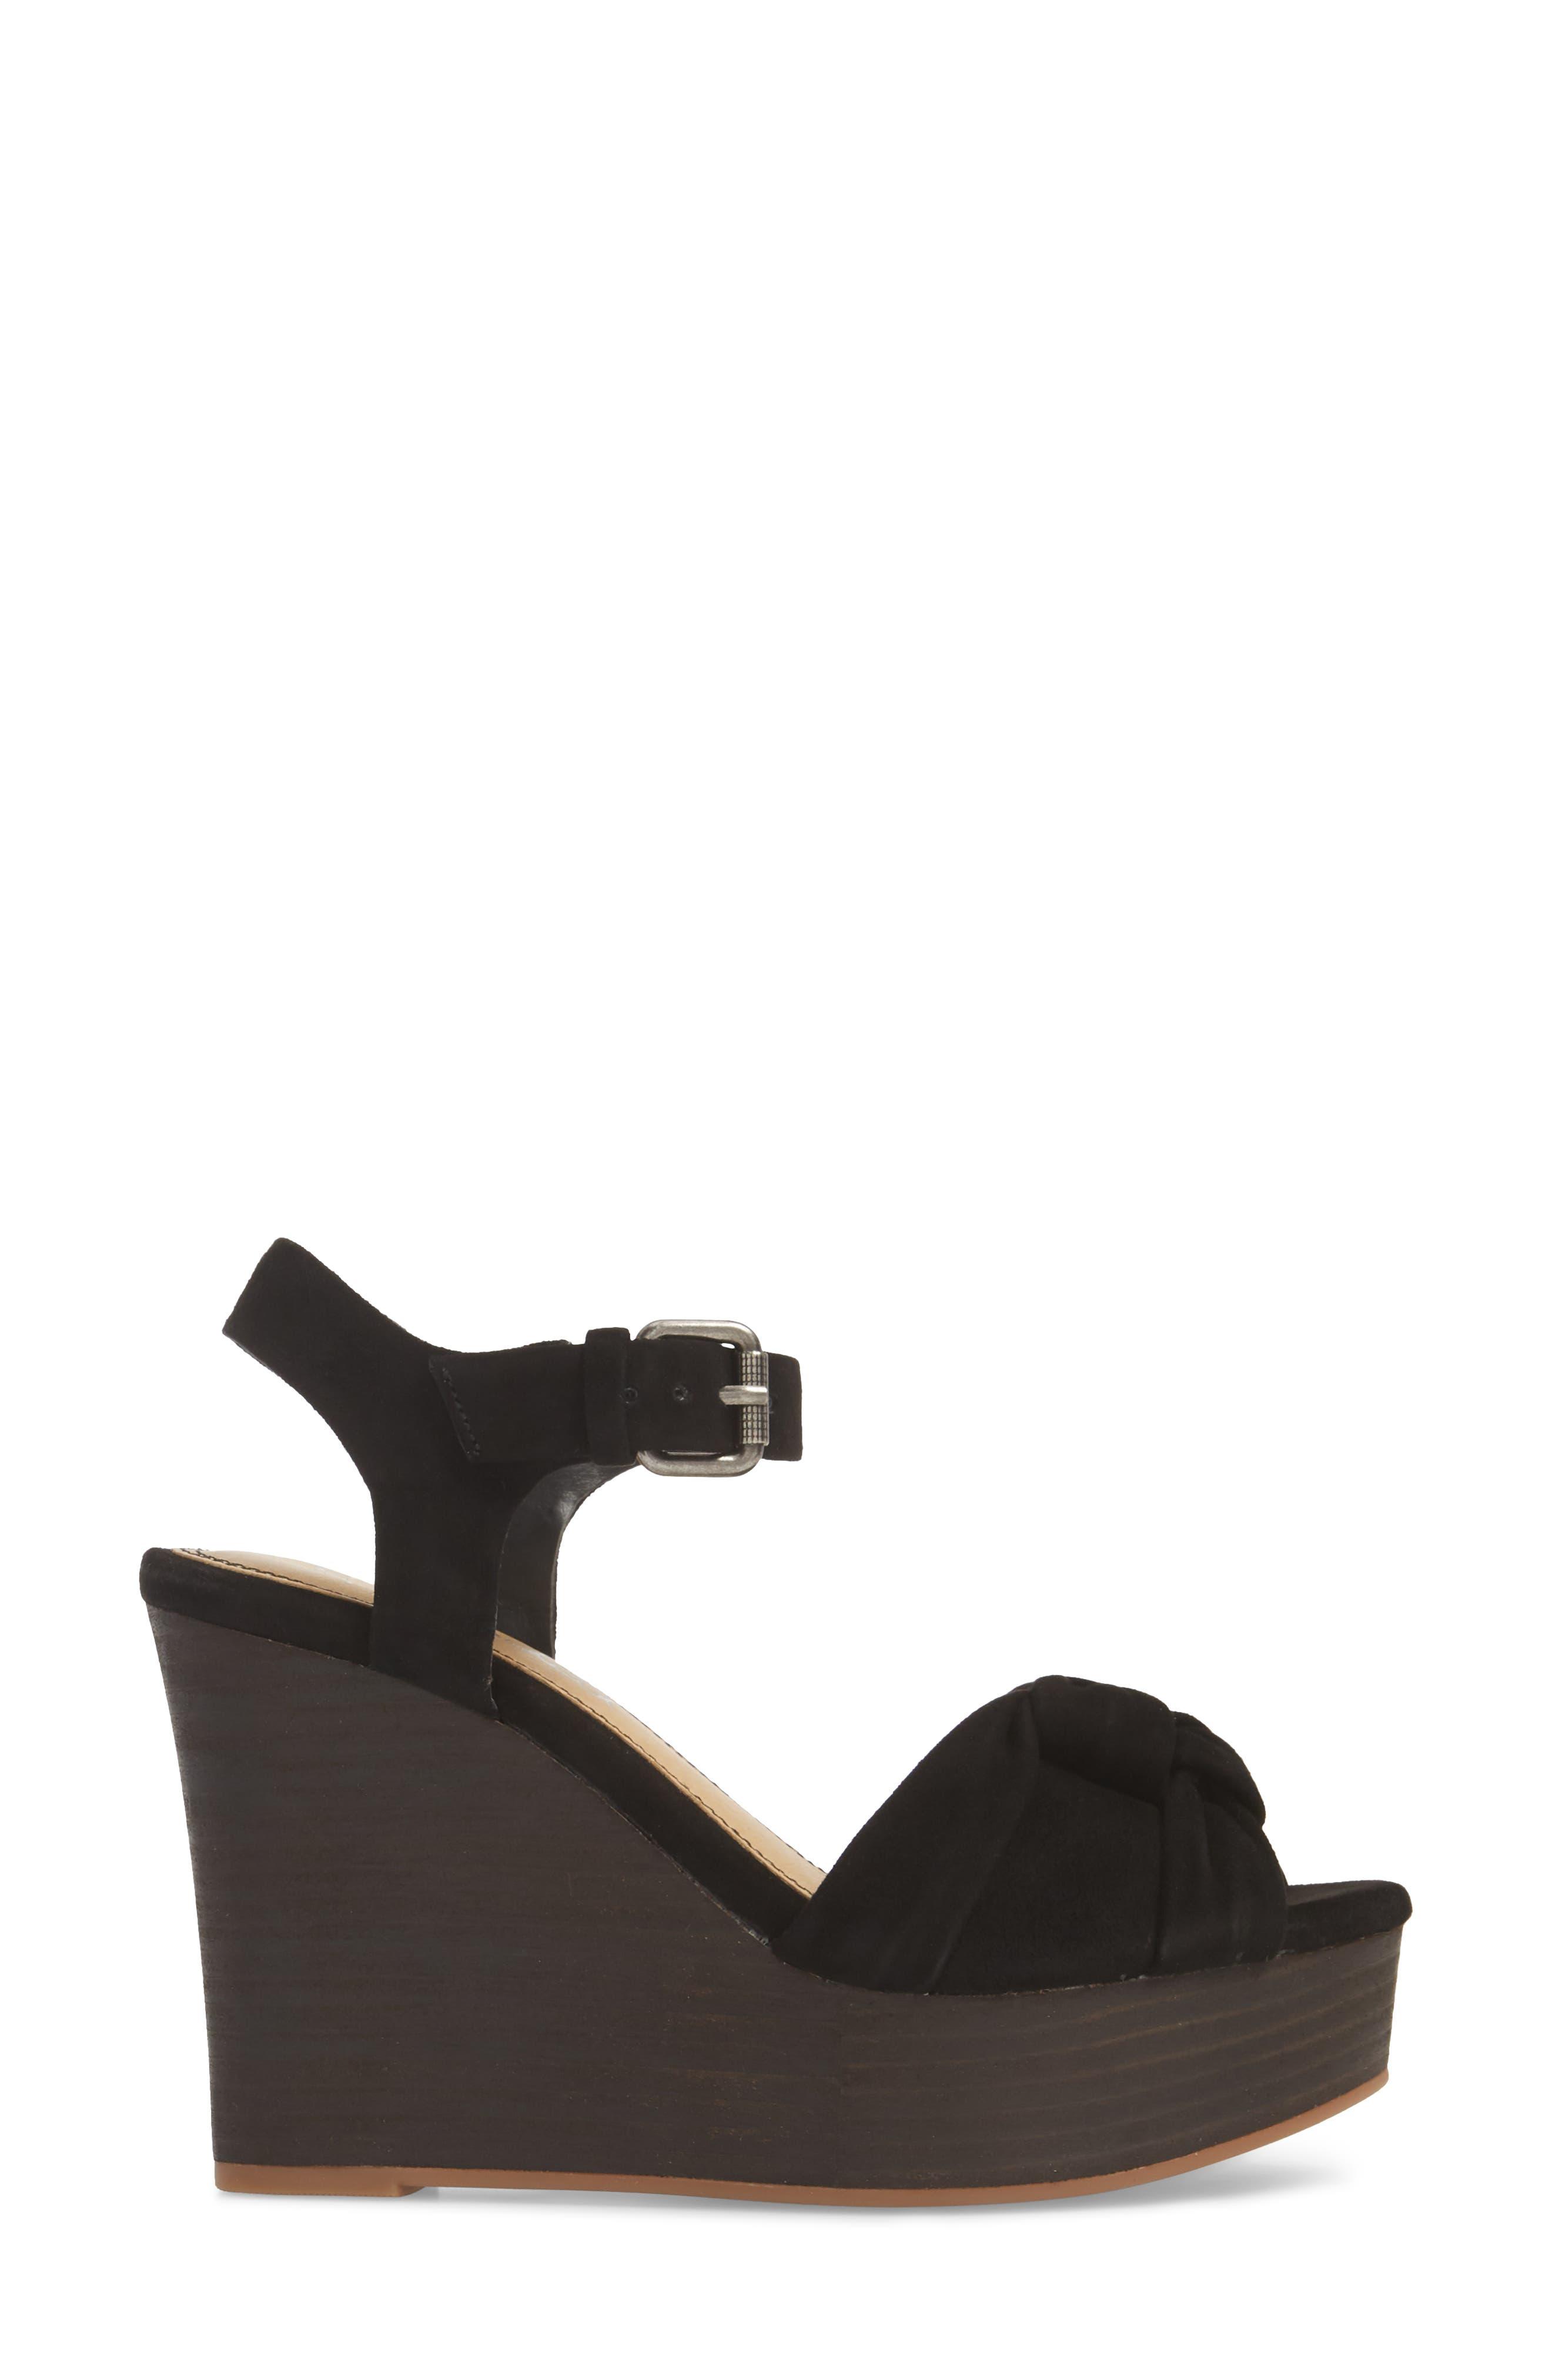 Nada Platform Wedge Sandal,                             Alternate thumbnail 3, color,                             BLACK SUEDE